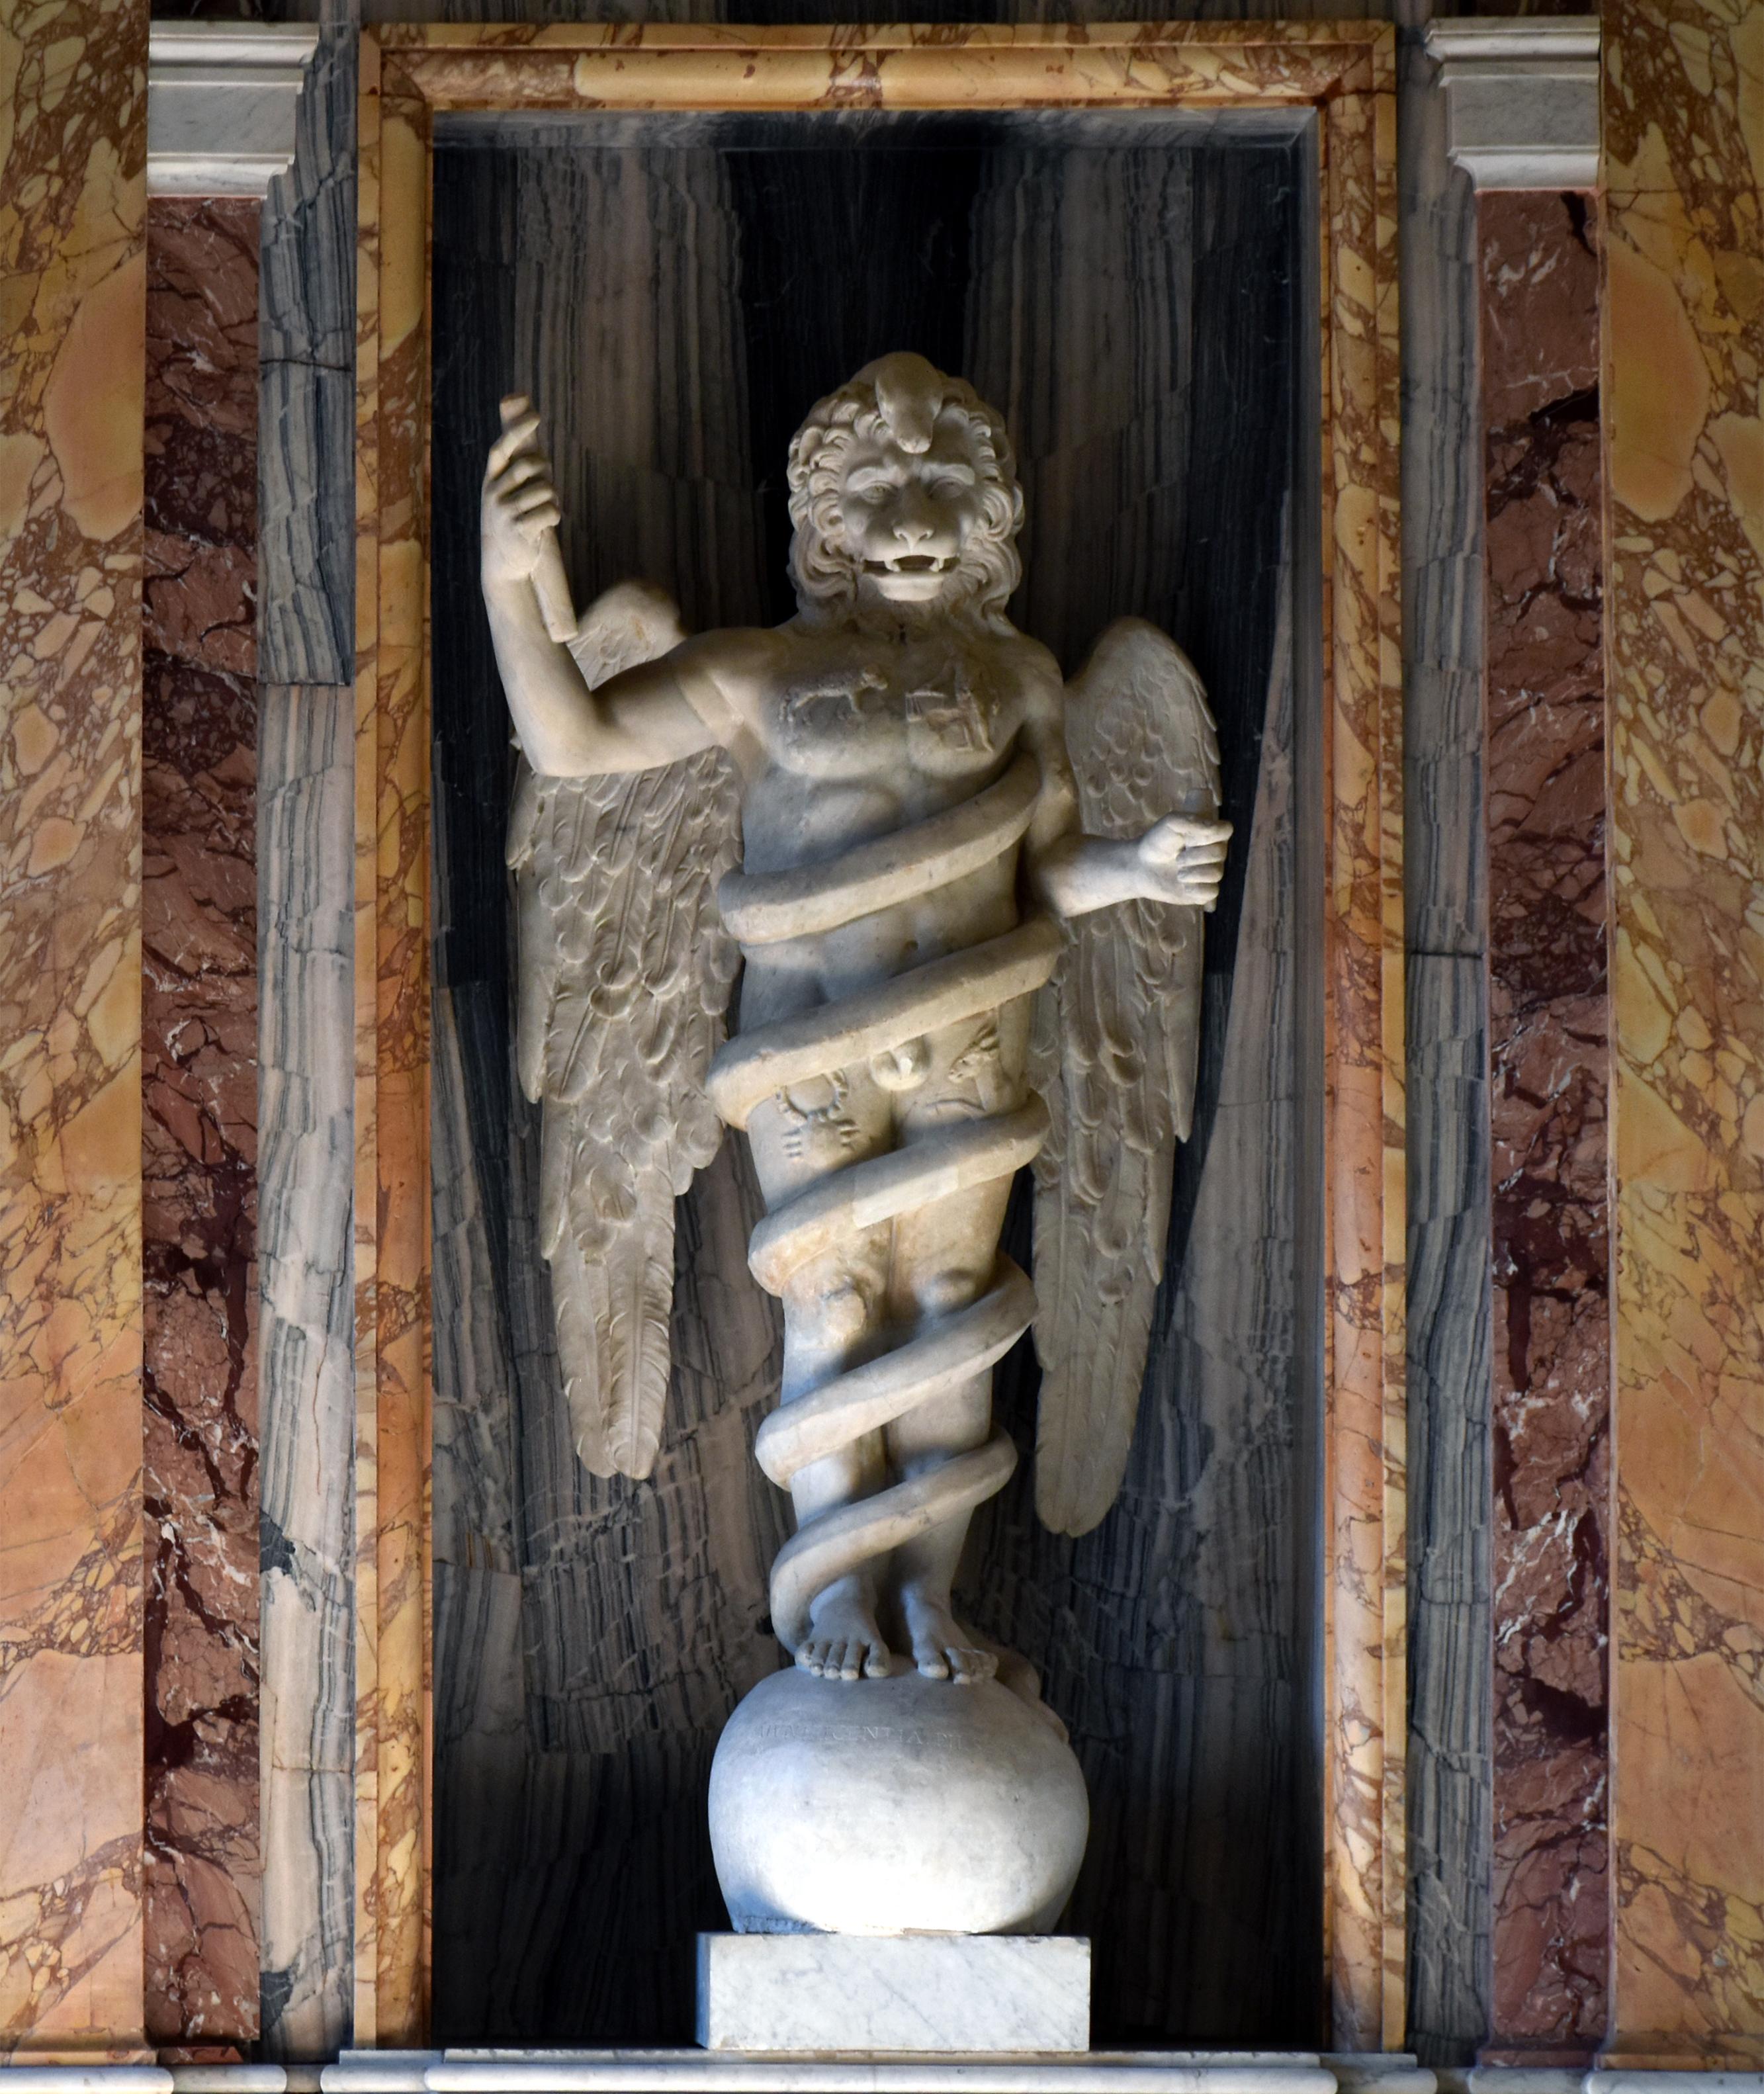 Musei Vaticani Leontocephaline11042017.jpg